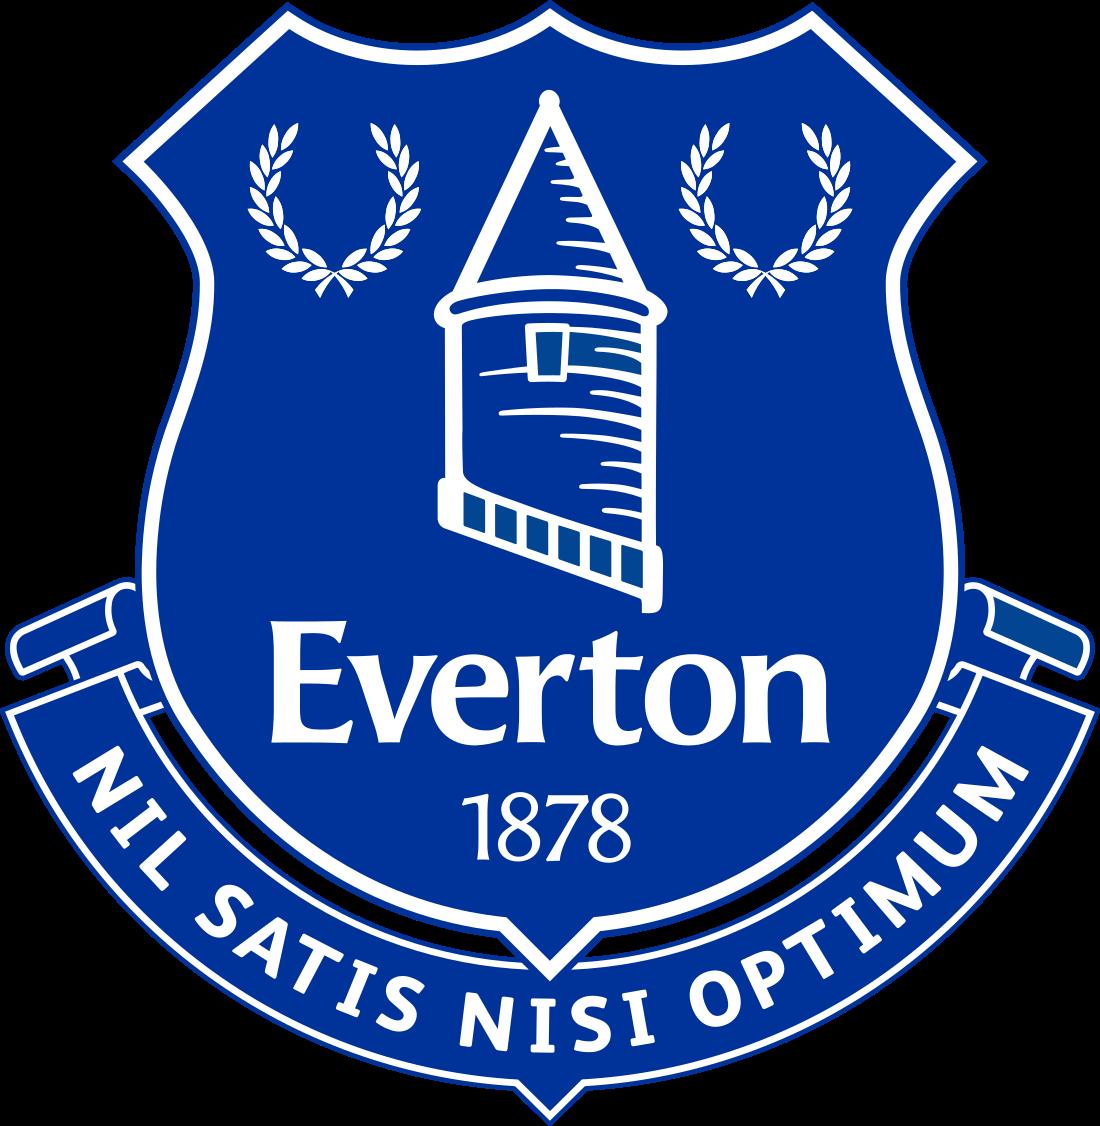 everton-logo-escudo-3